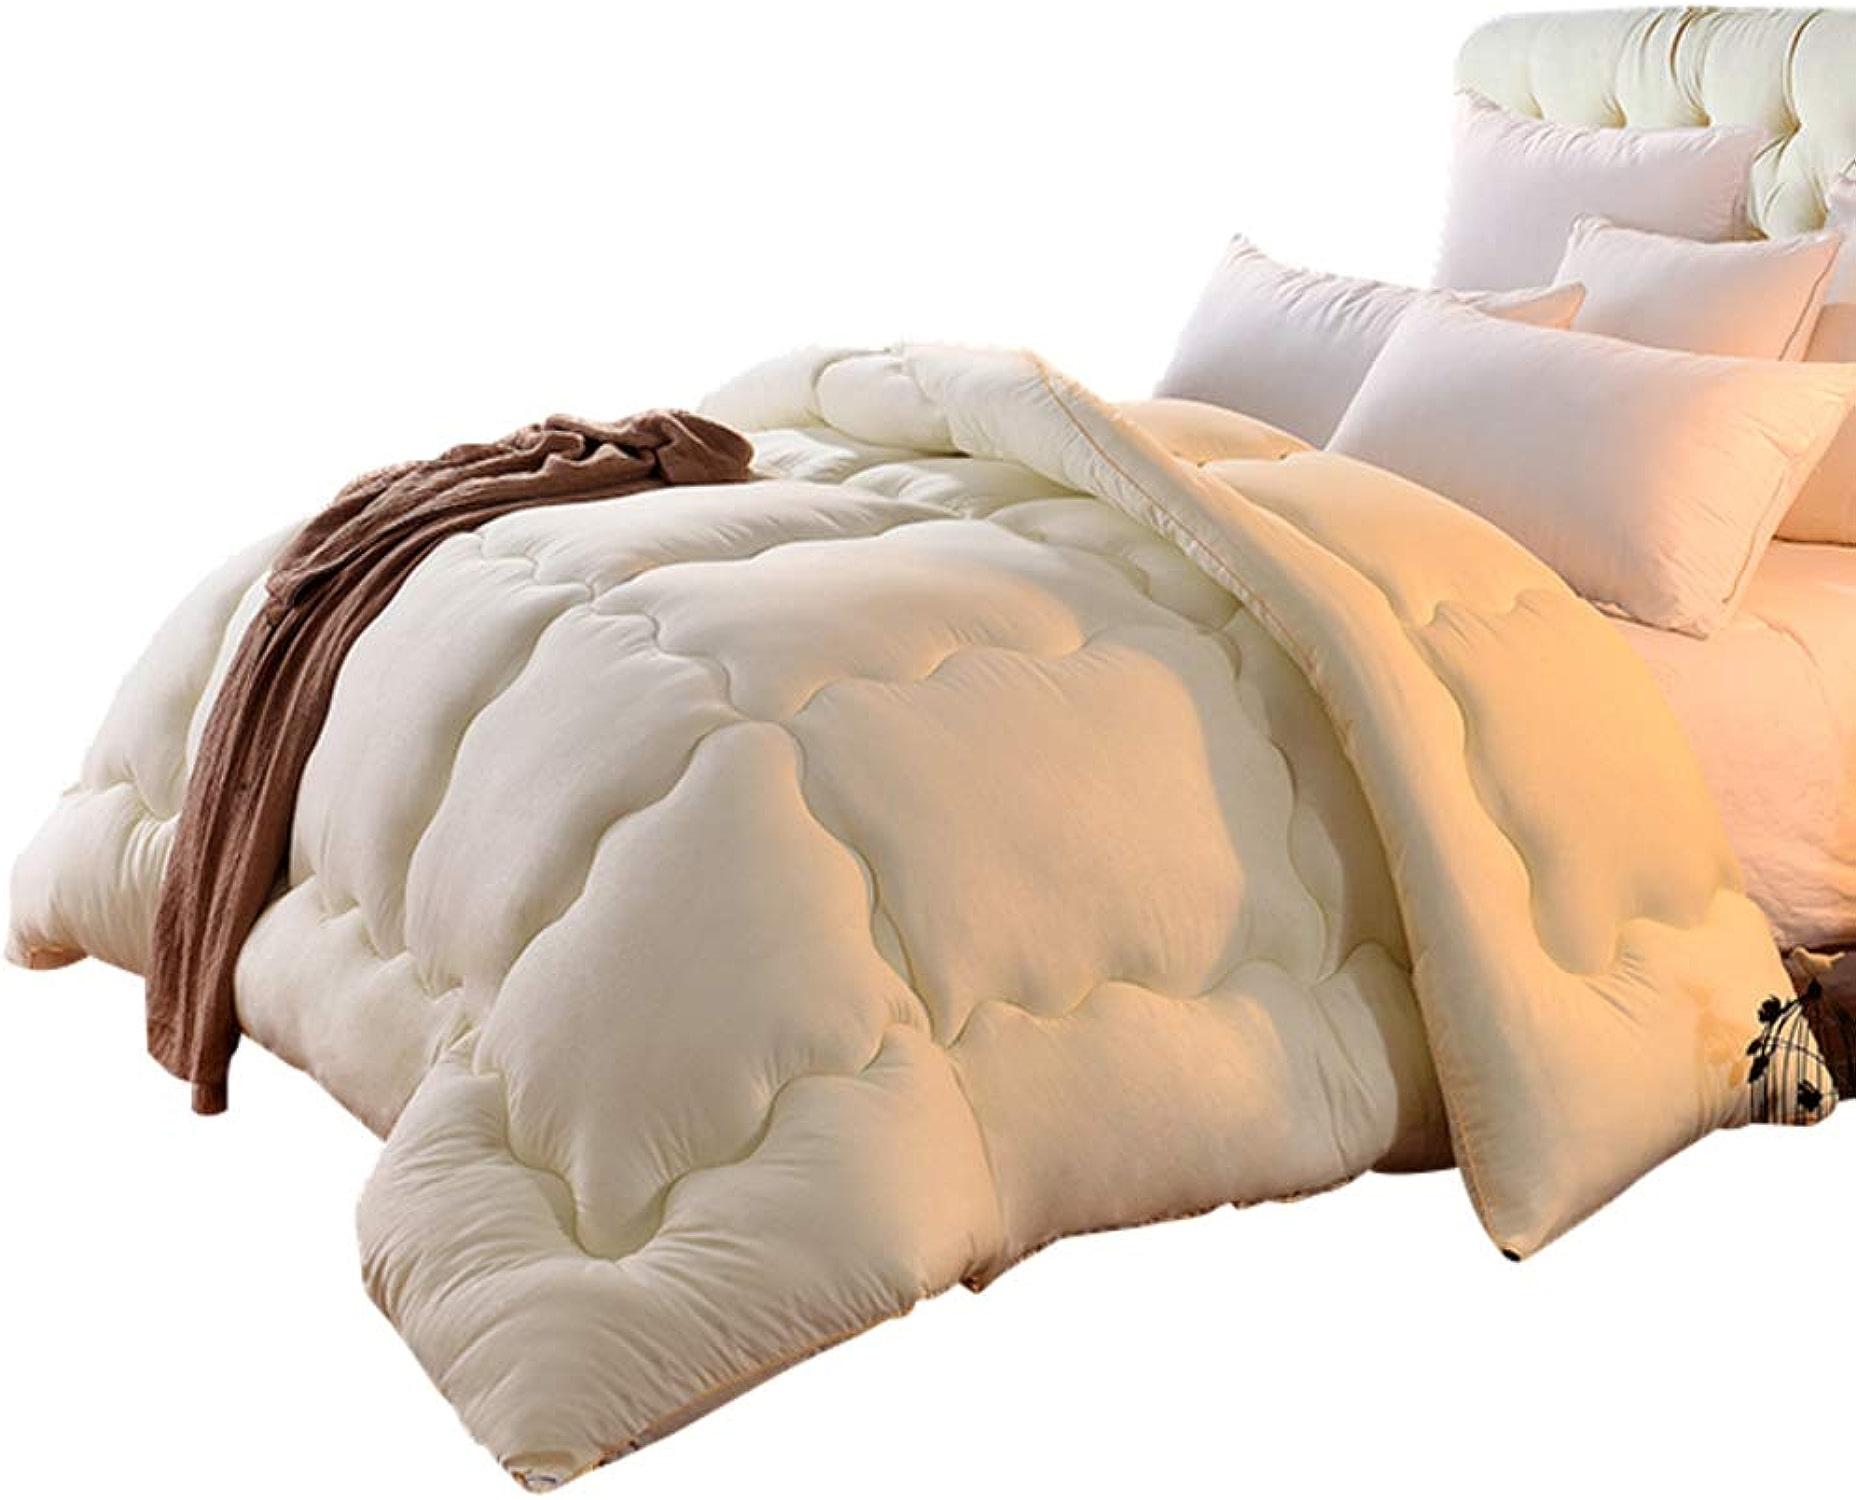 KELE Chaleureuse Confortable Quilts, épaissir Couette légère Humidité Respirabilité Peluche Molle AjusteHommest Confortable Hypo-allergénique Double couettes-A 200x230cm